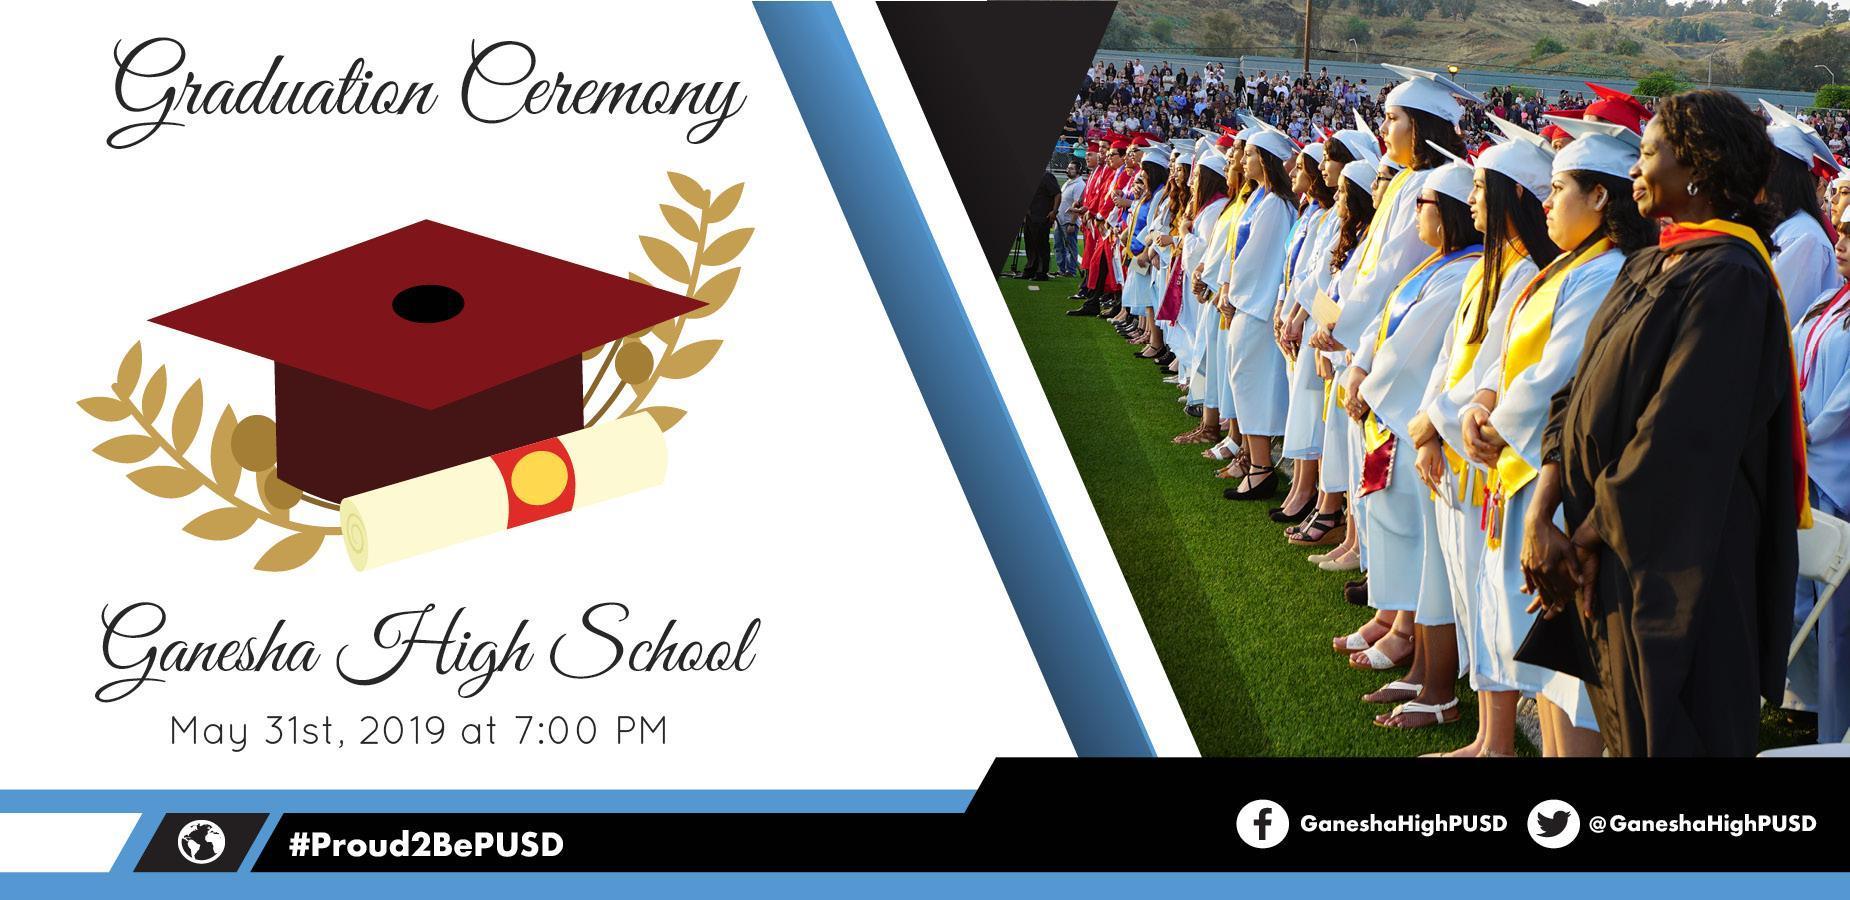 Ganesha High School: May 31st, 2019 at 7:00 pm